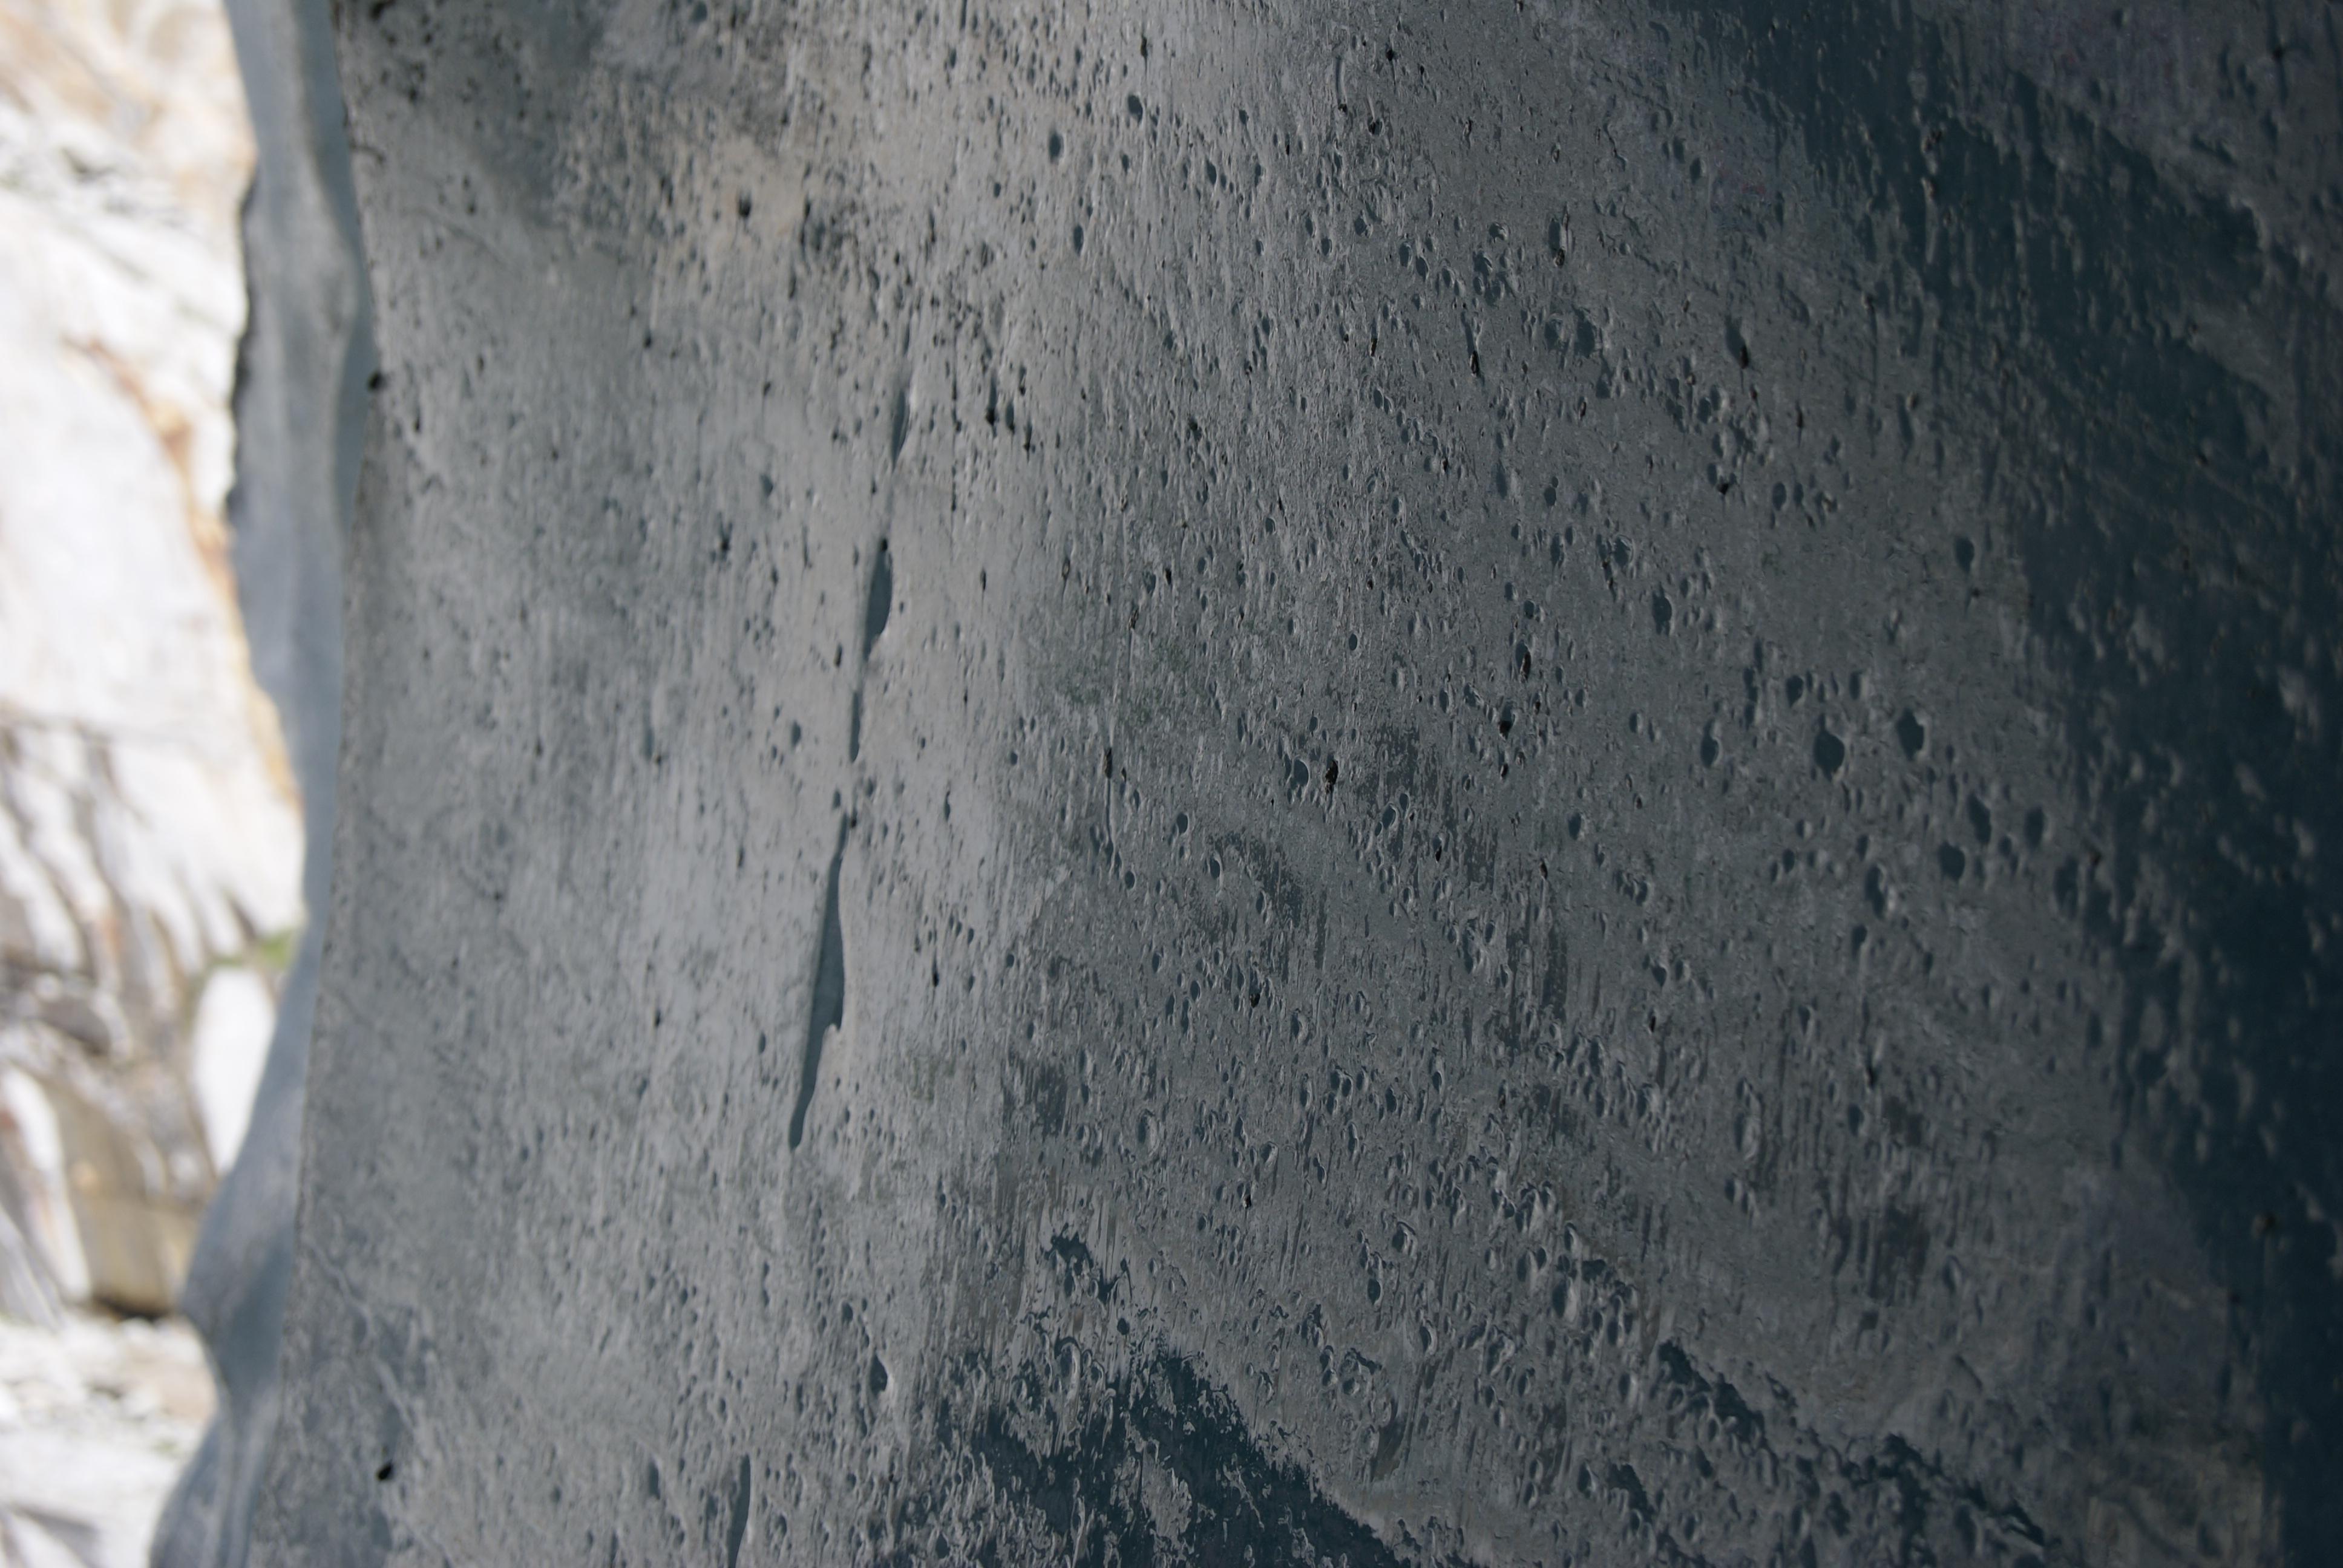 Grotte des Glaces